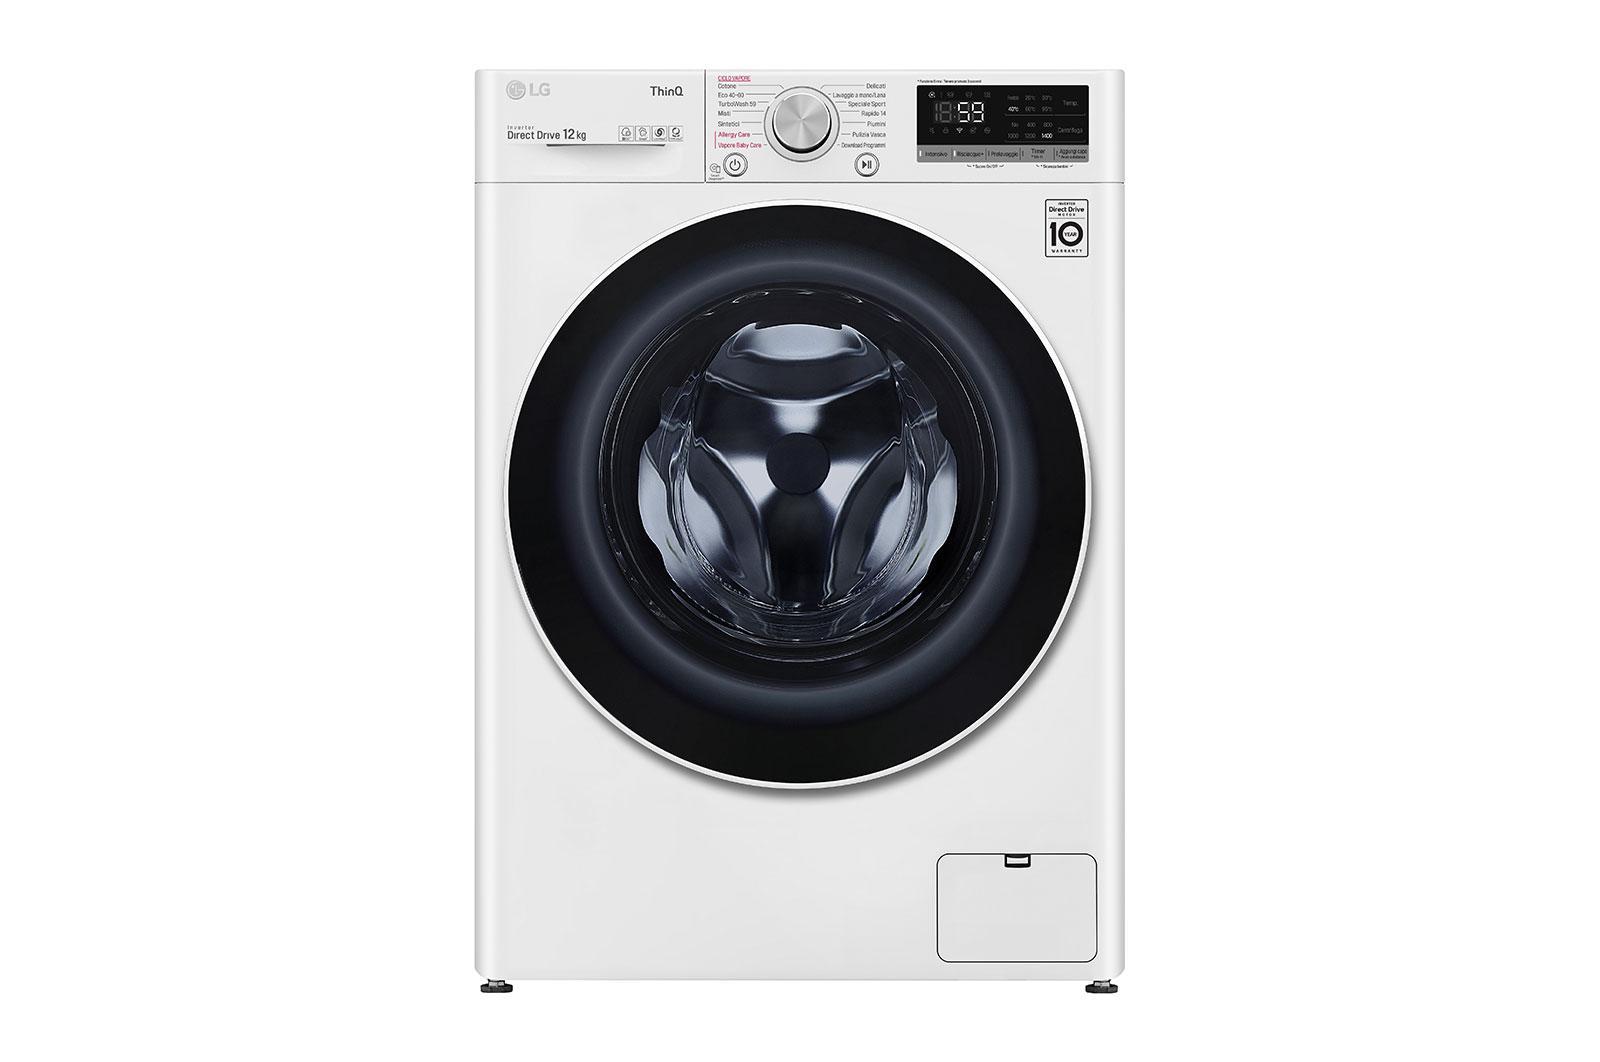 Πλυντήριο Ρούχων 12kg, AI DD™, Ατμού, TurboWash™ - F4WV512S0E main image